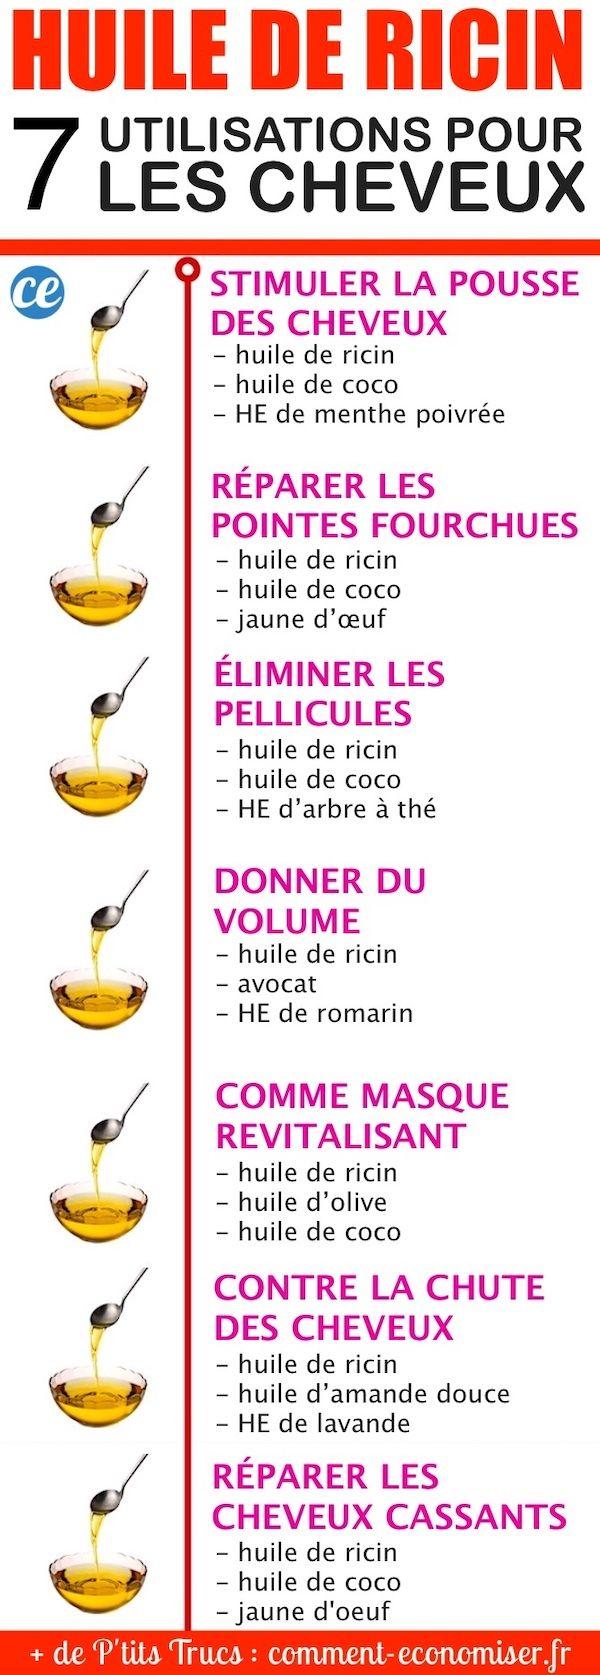 L'huile de ricin est considérée comme l'un des meilleurs soins naturels pour les cheveux.